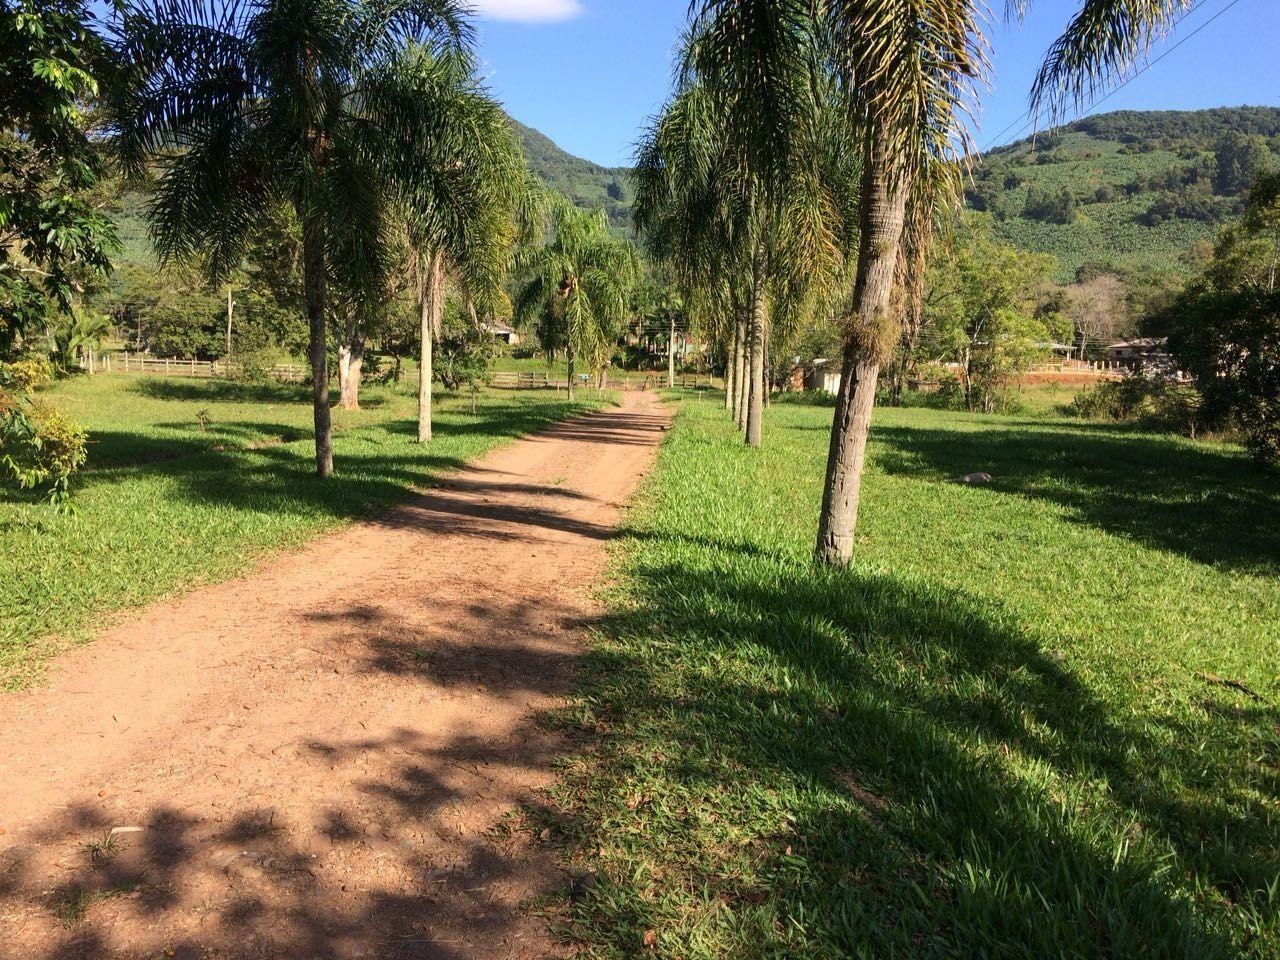 Fazenda/sítio/chácara/haras à venda  no Pixirica - Morrinhos do Sul, RS. Imóveis